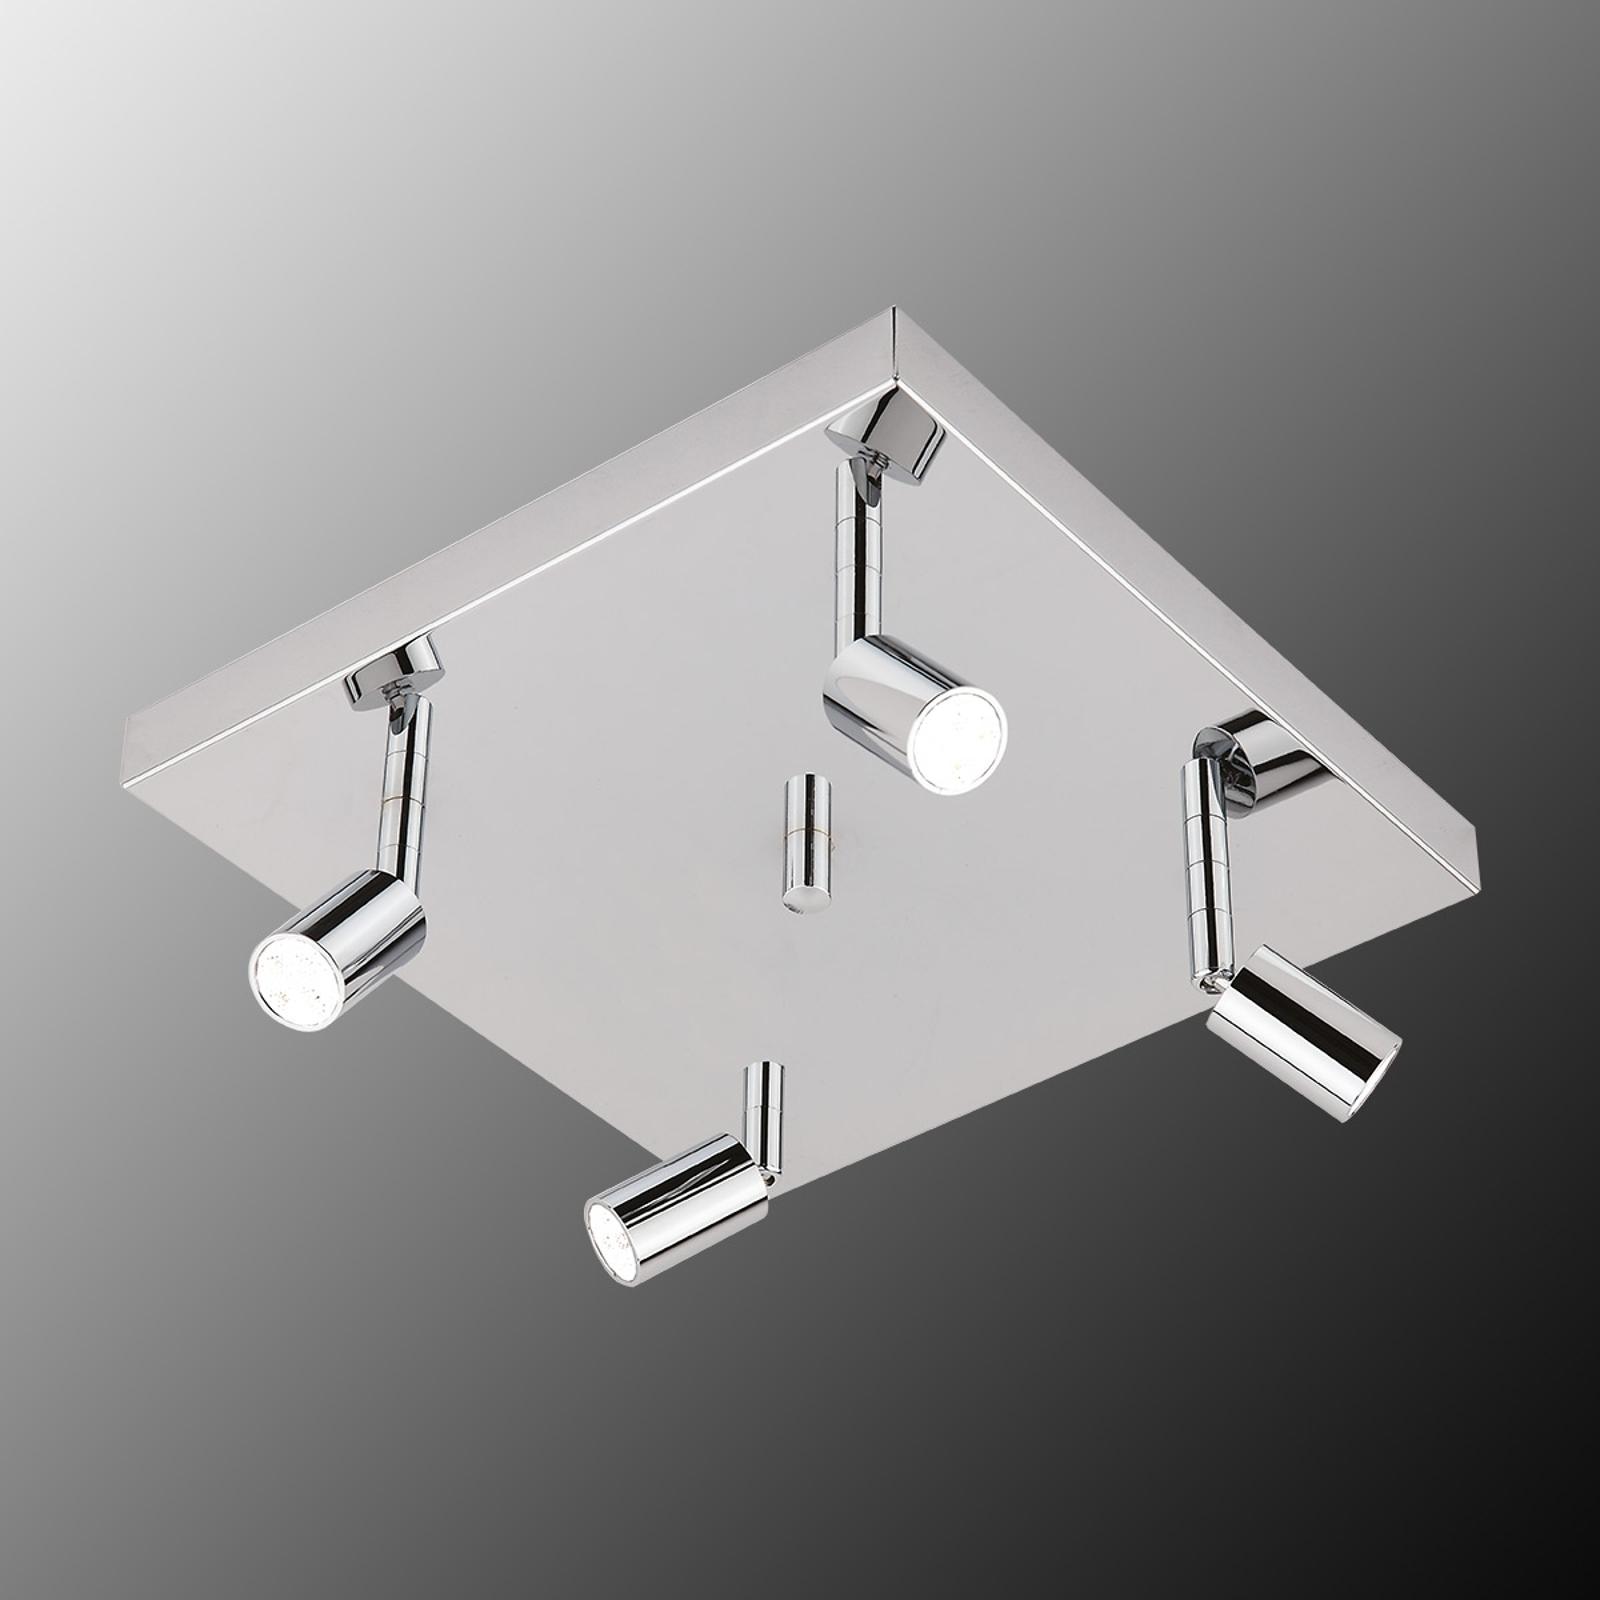 Vierkante LED plafondlamp Karen 4-lichts